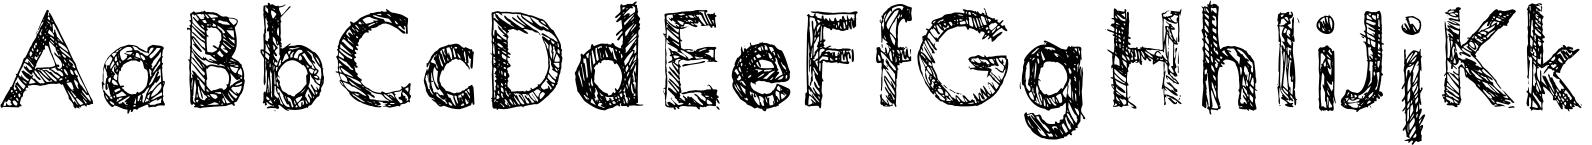 Sketchura